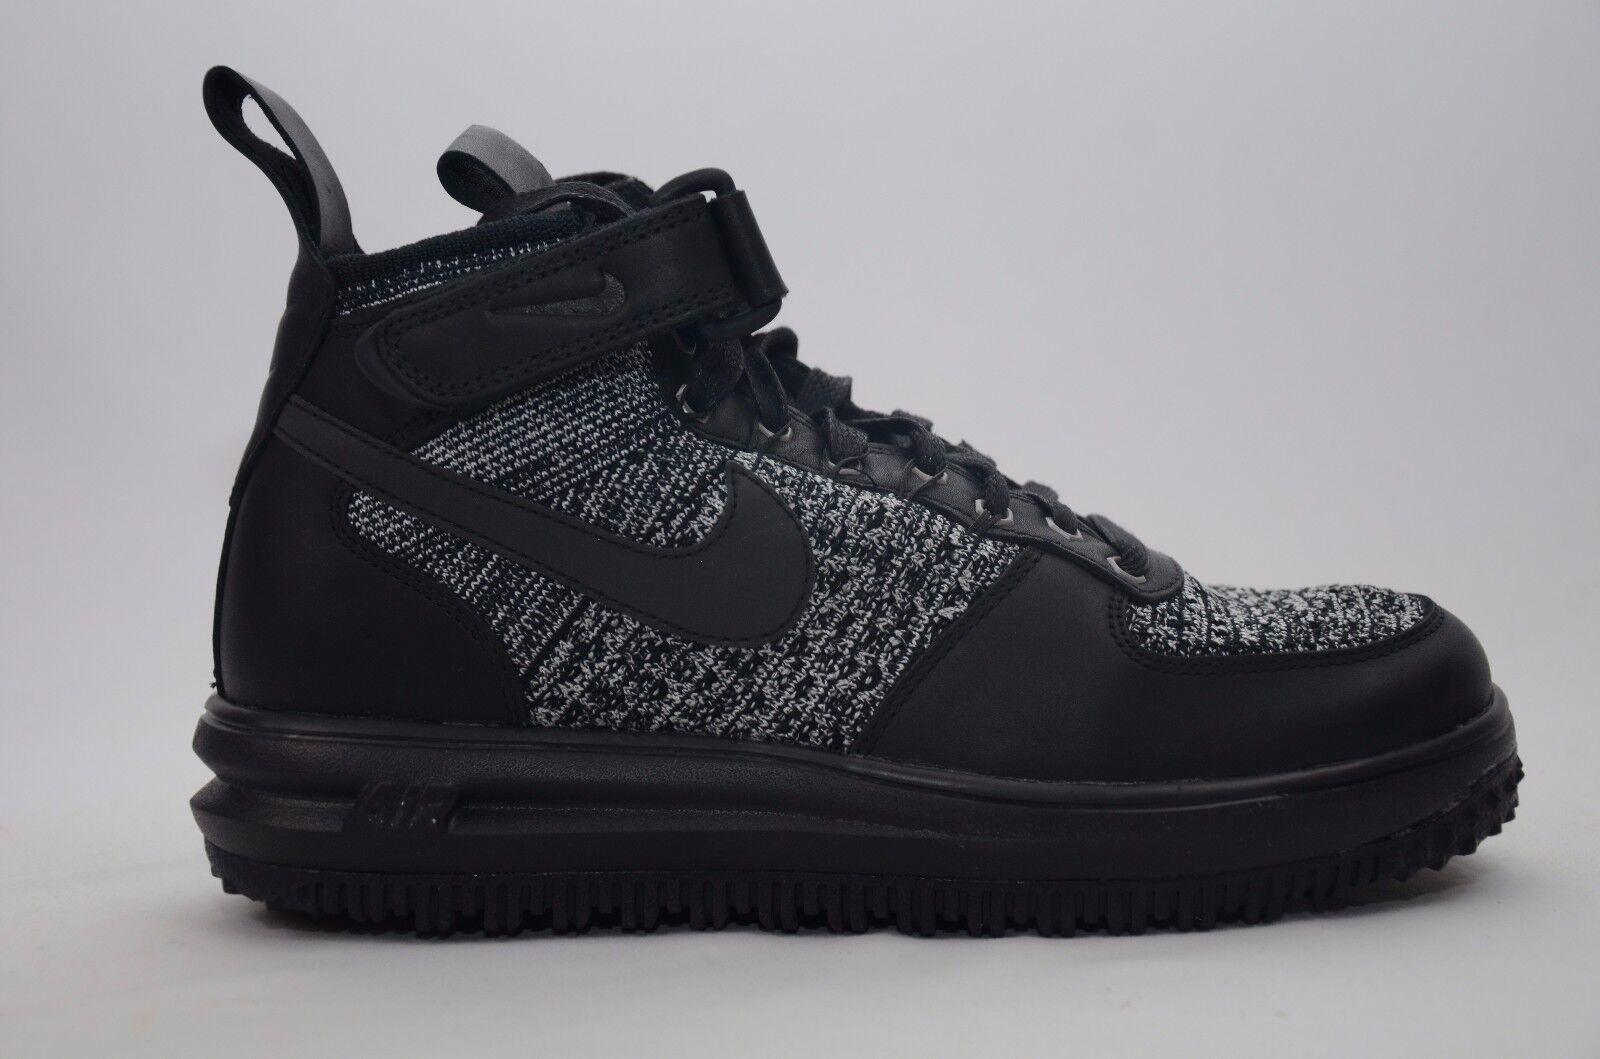 Nike LF1 Flyknit Workboot Women's Size 7-10.5 New in Box NO Top Lid 860558 001